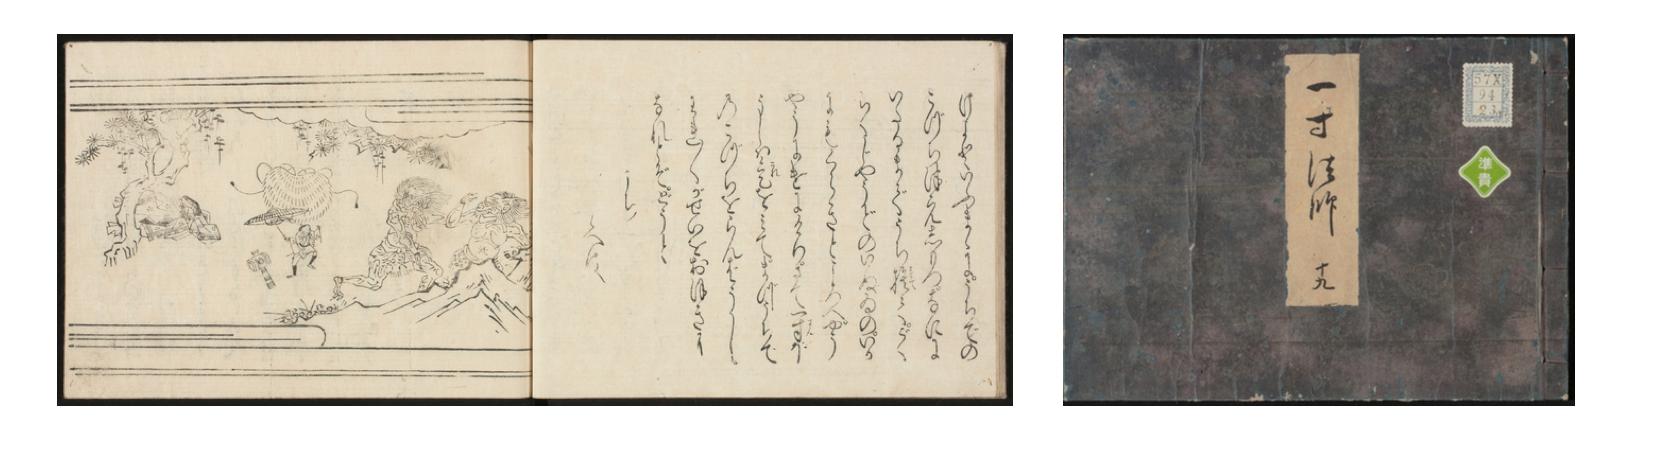 Tsuru no sōshi